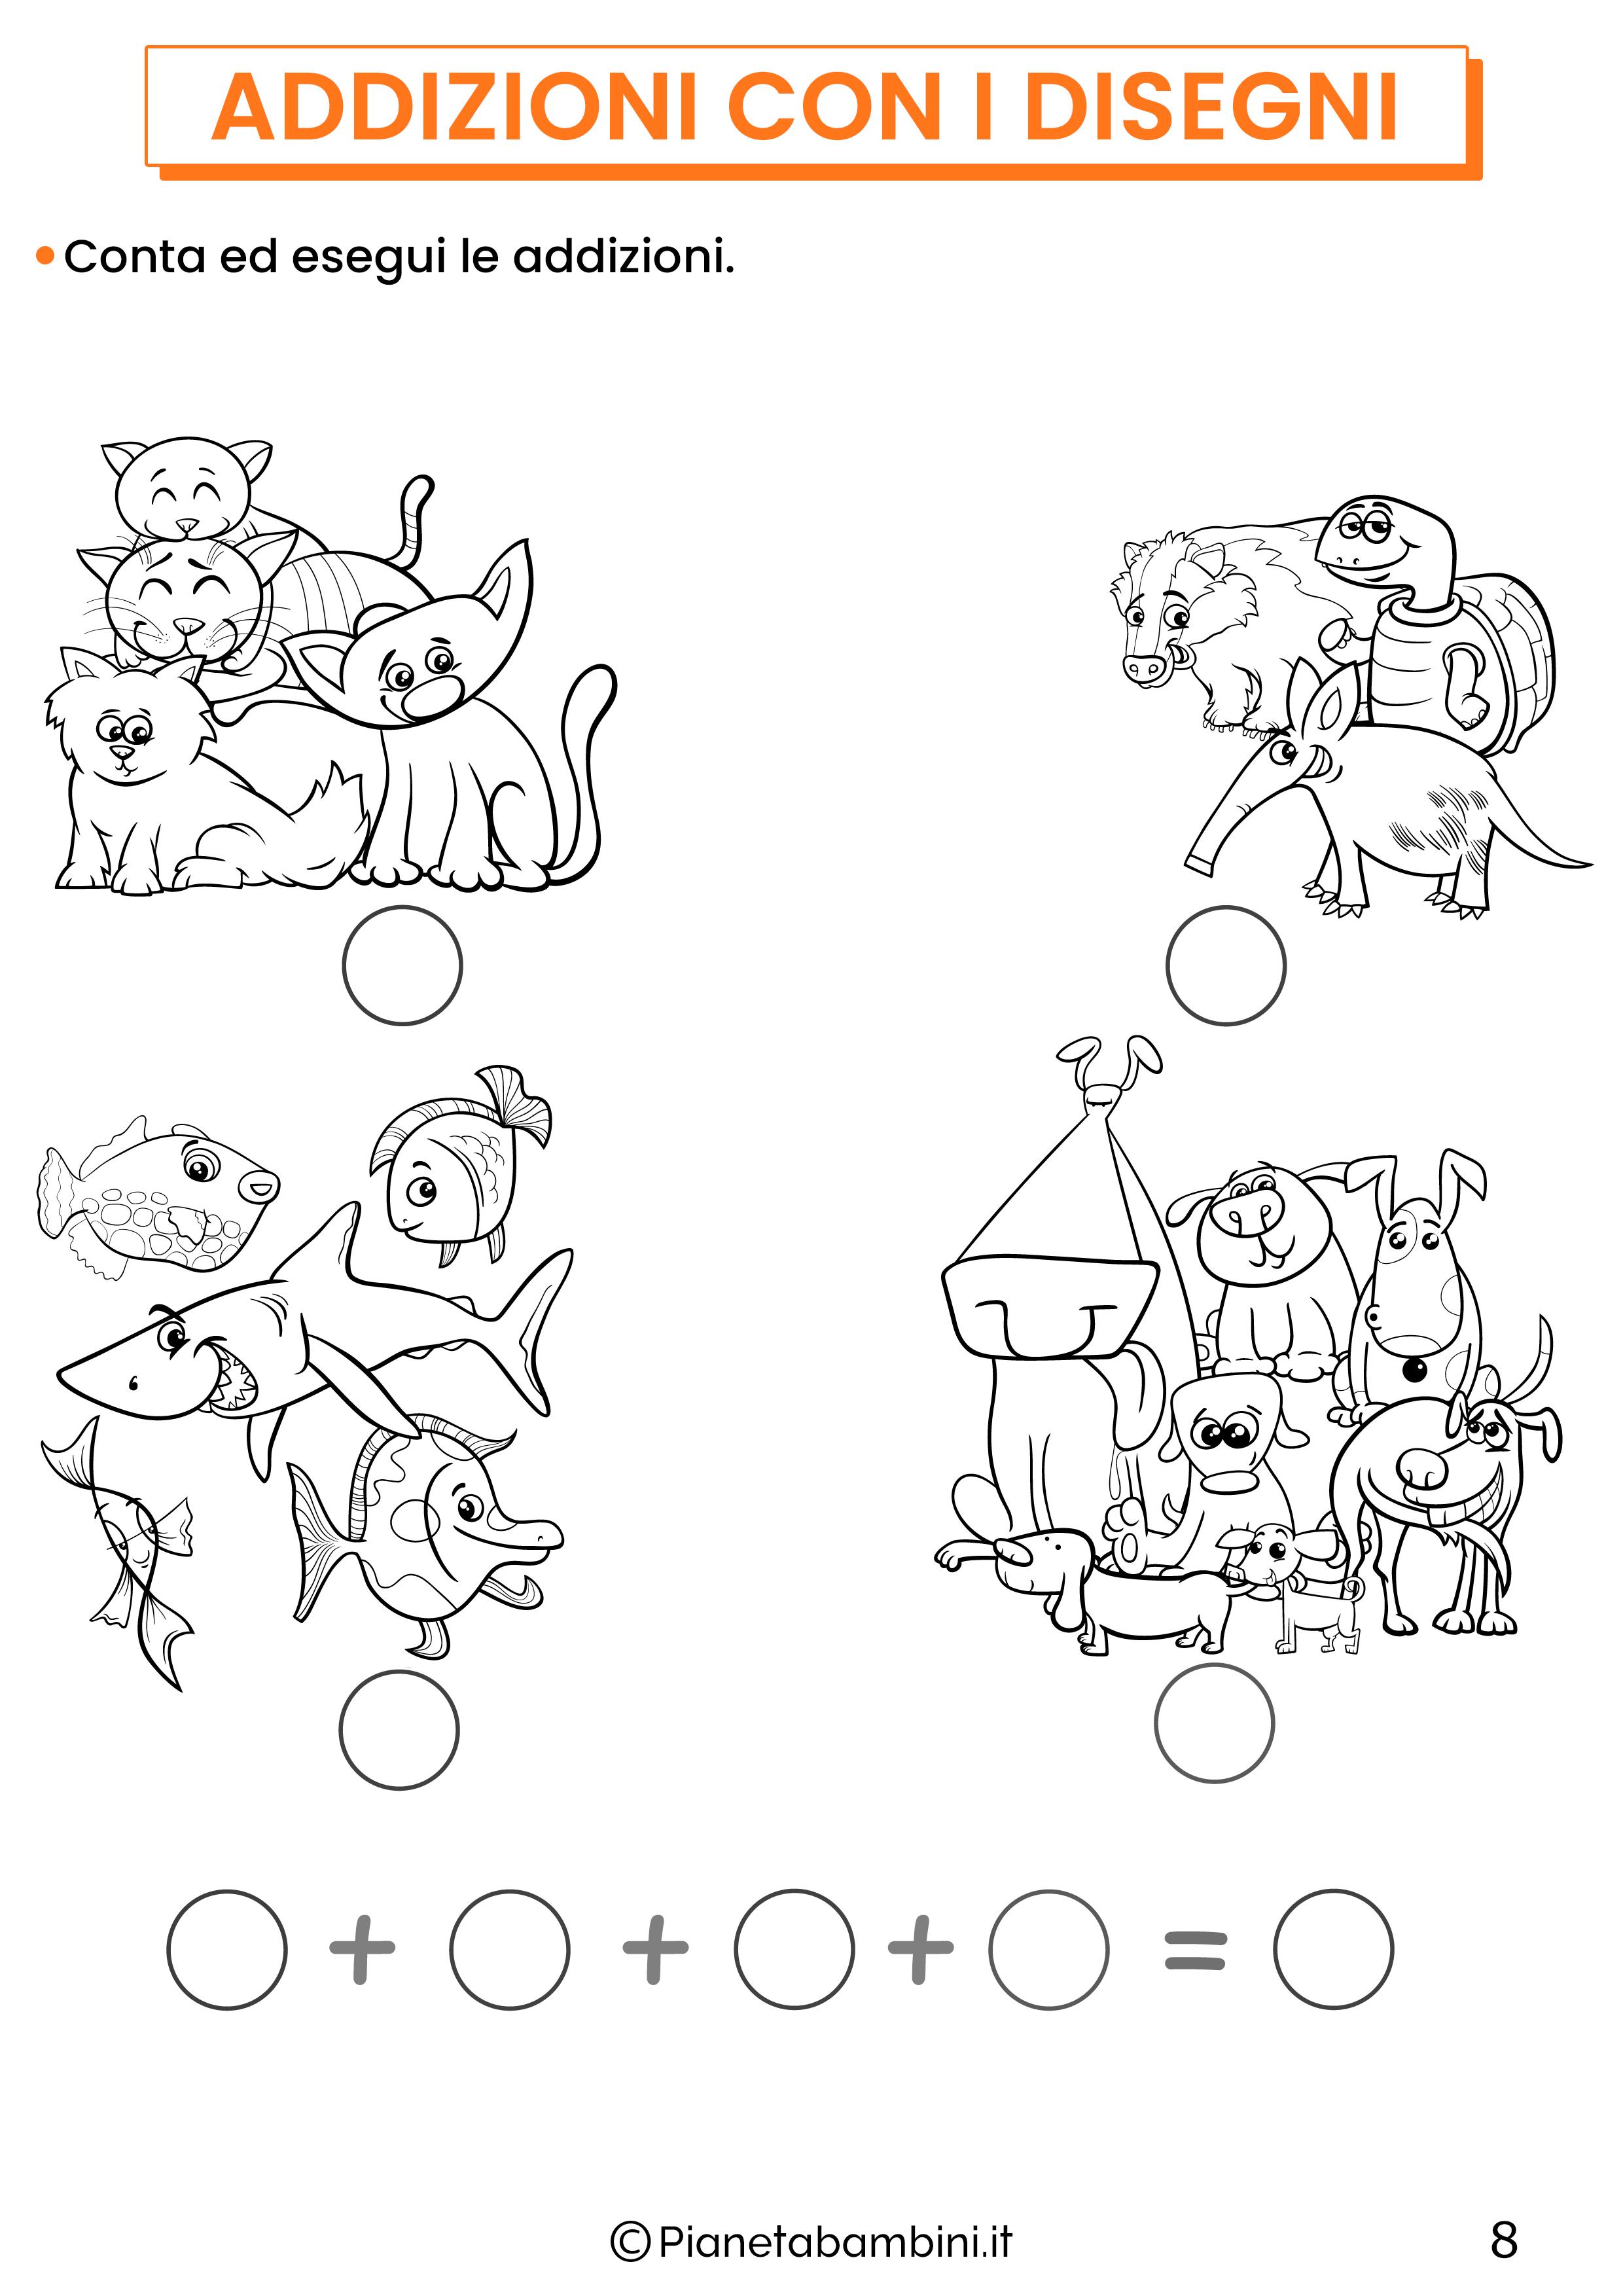 Addizioni con disegni per la classe prima pagina 8